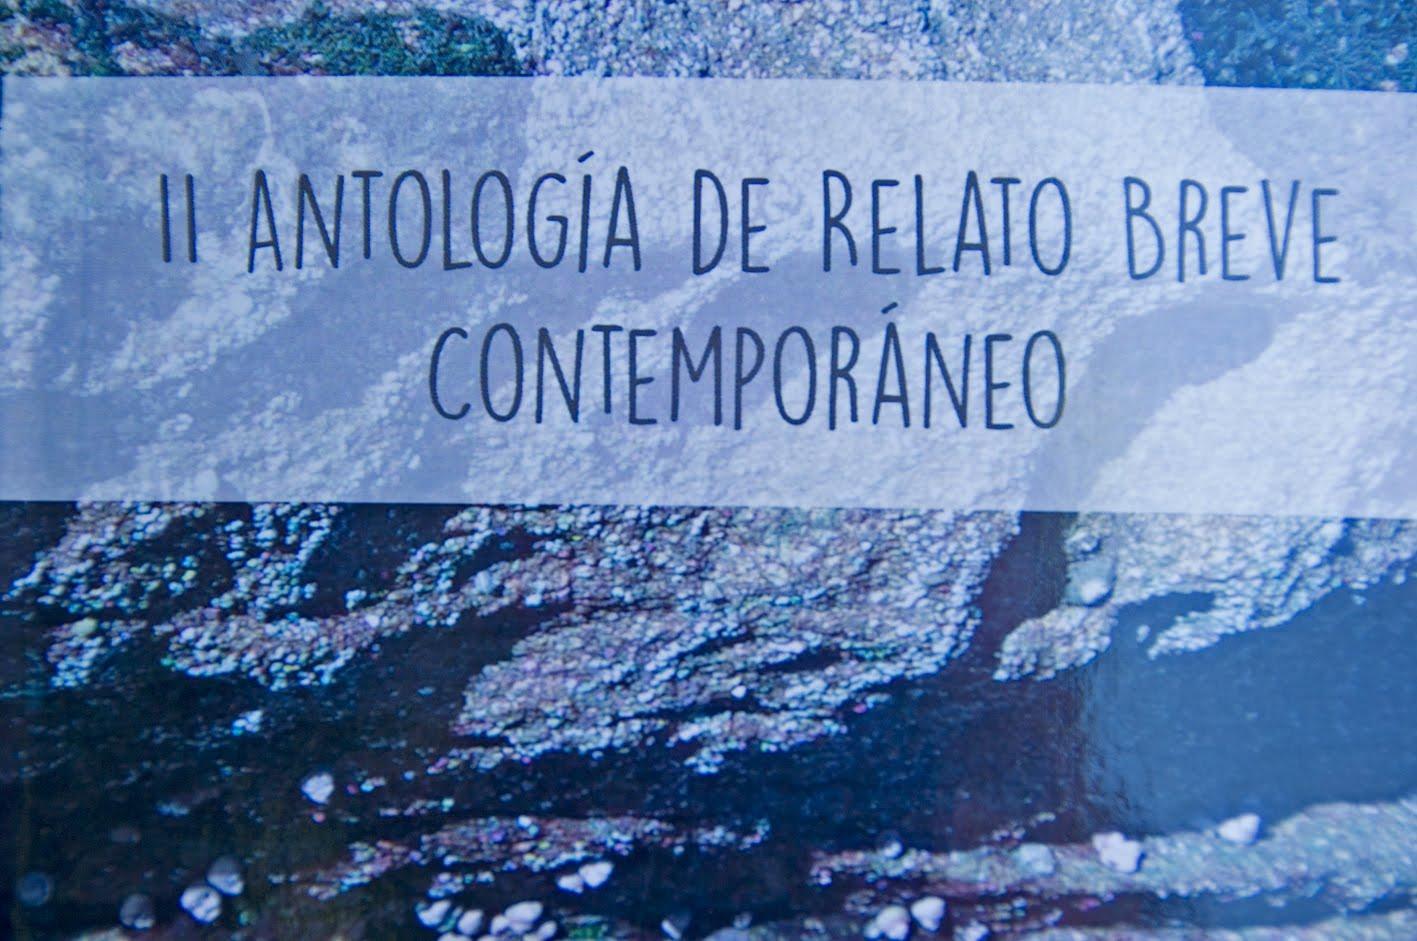 II ANTOLOGÍA DE RELATO BREVE CONTEMPORANEO